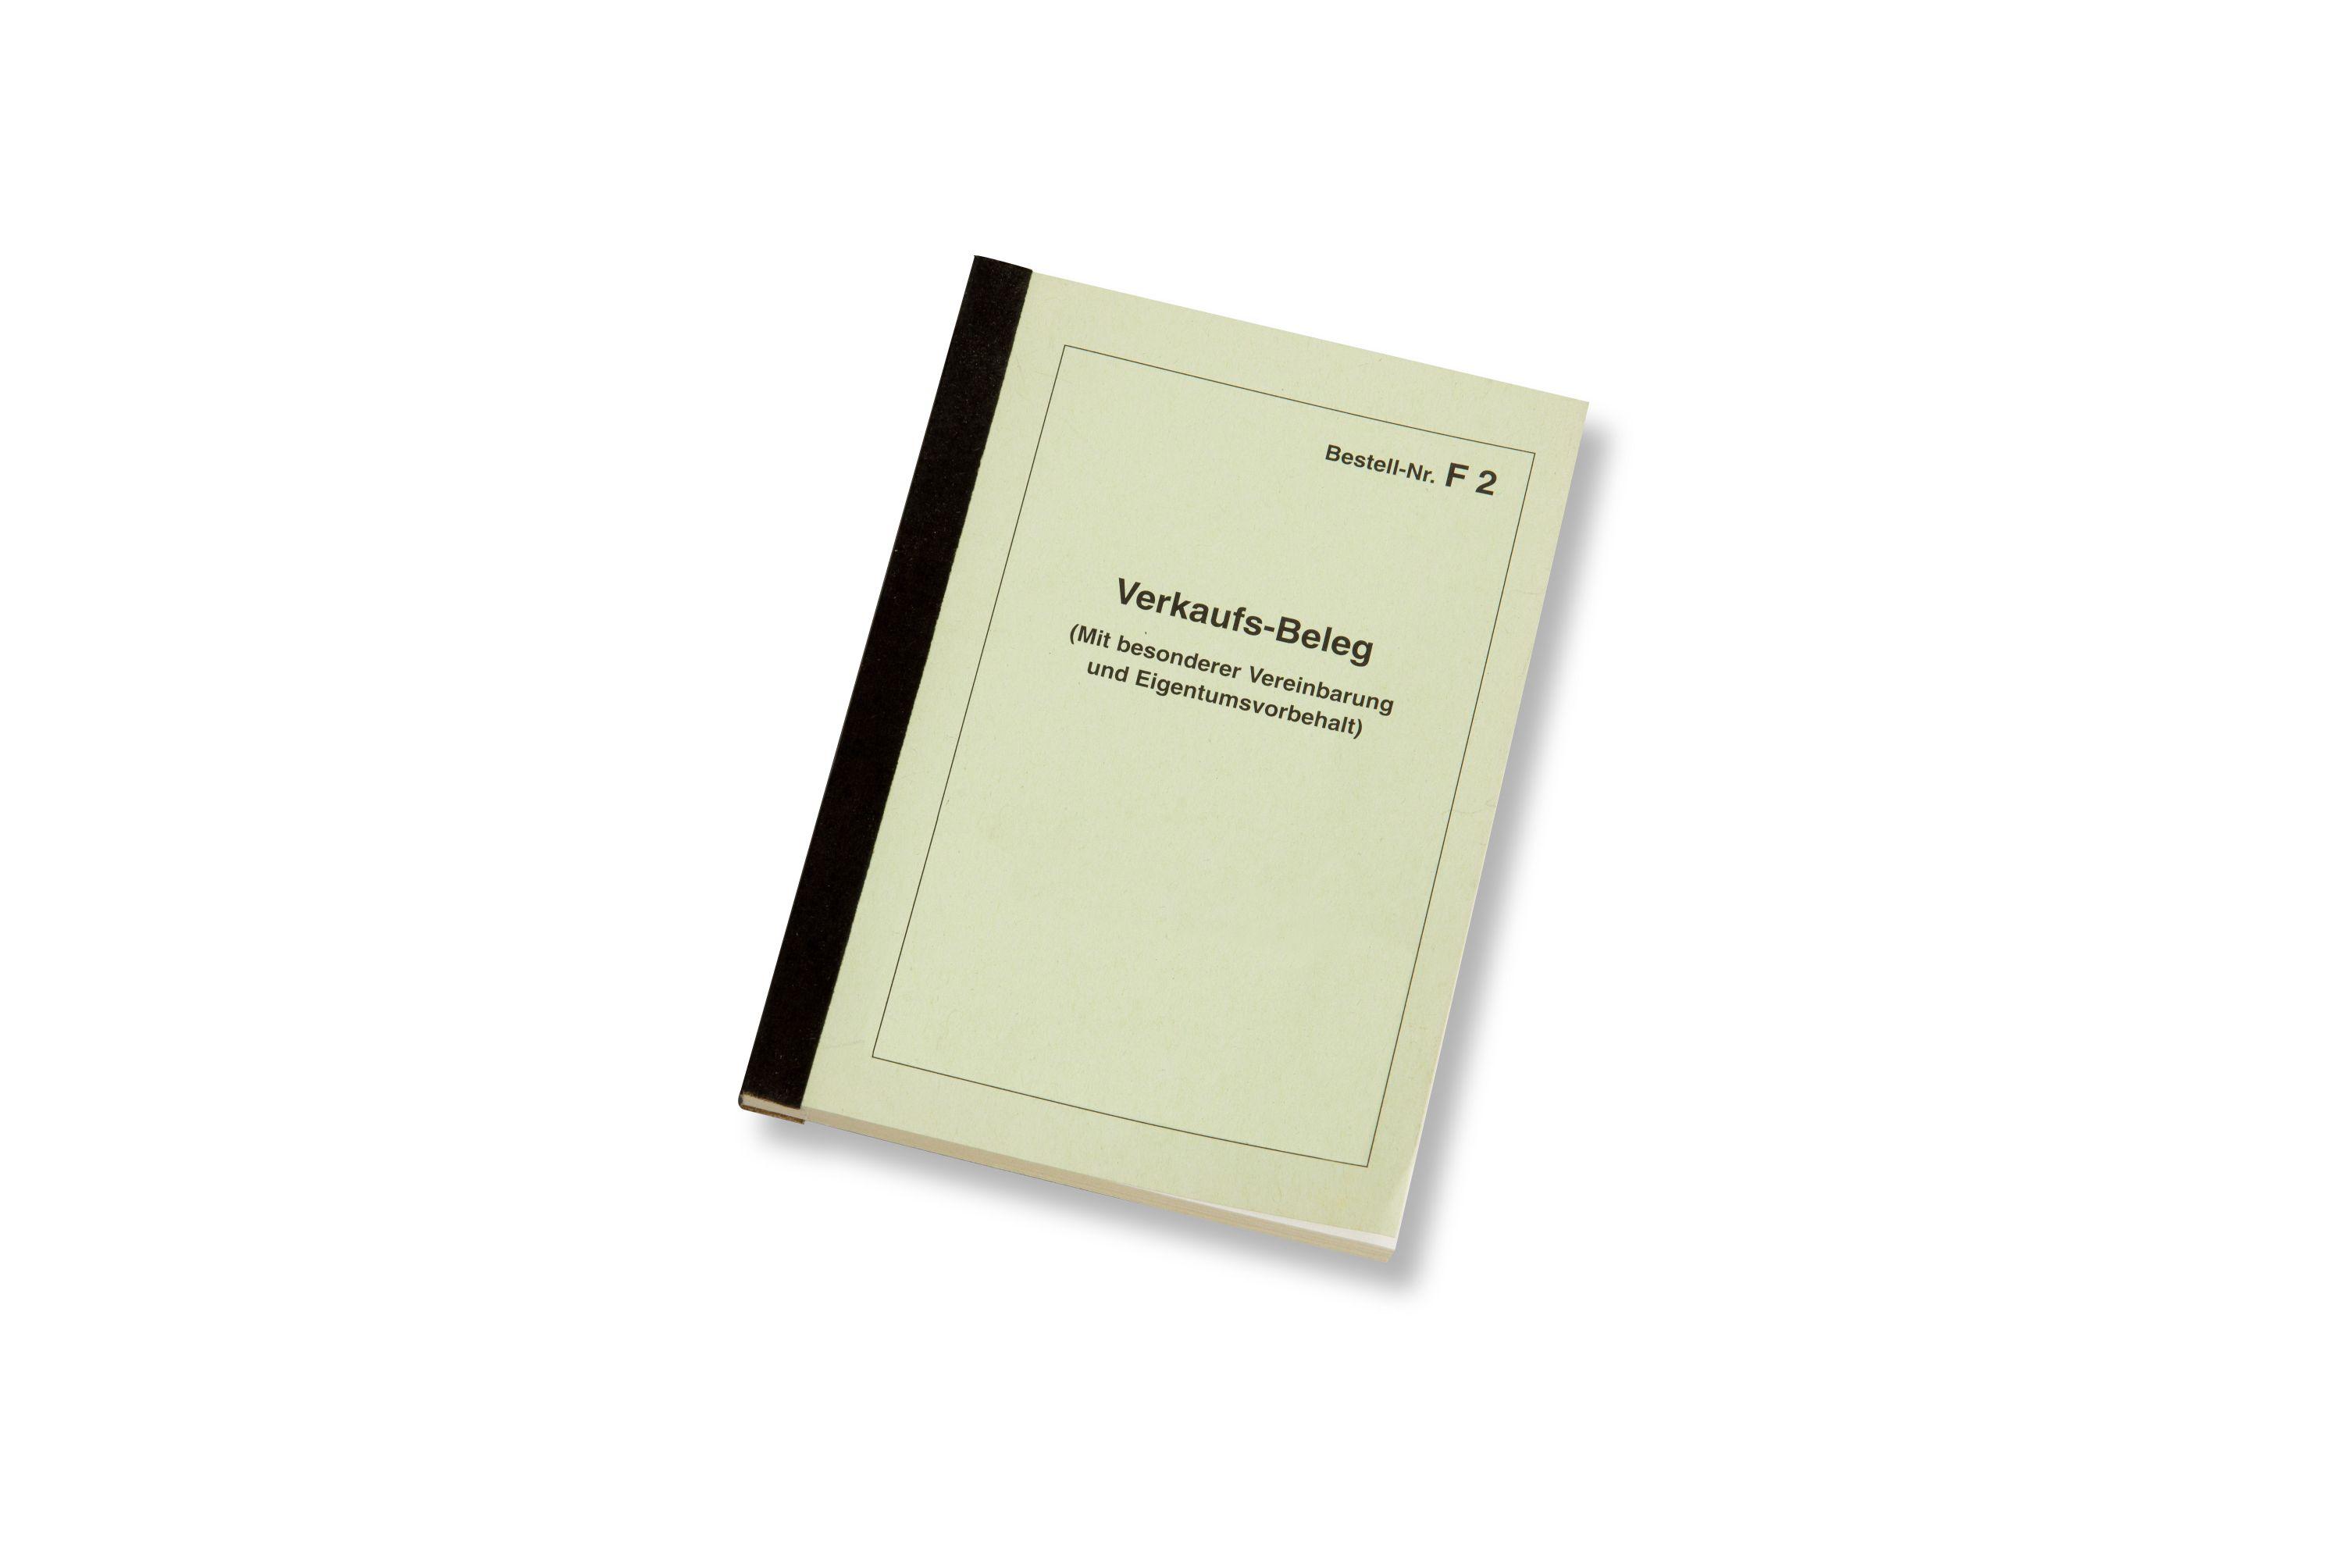 Verkaufsbeleg/Rechnung DIN A 6-Block F 2